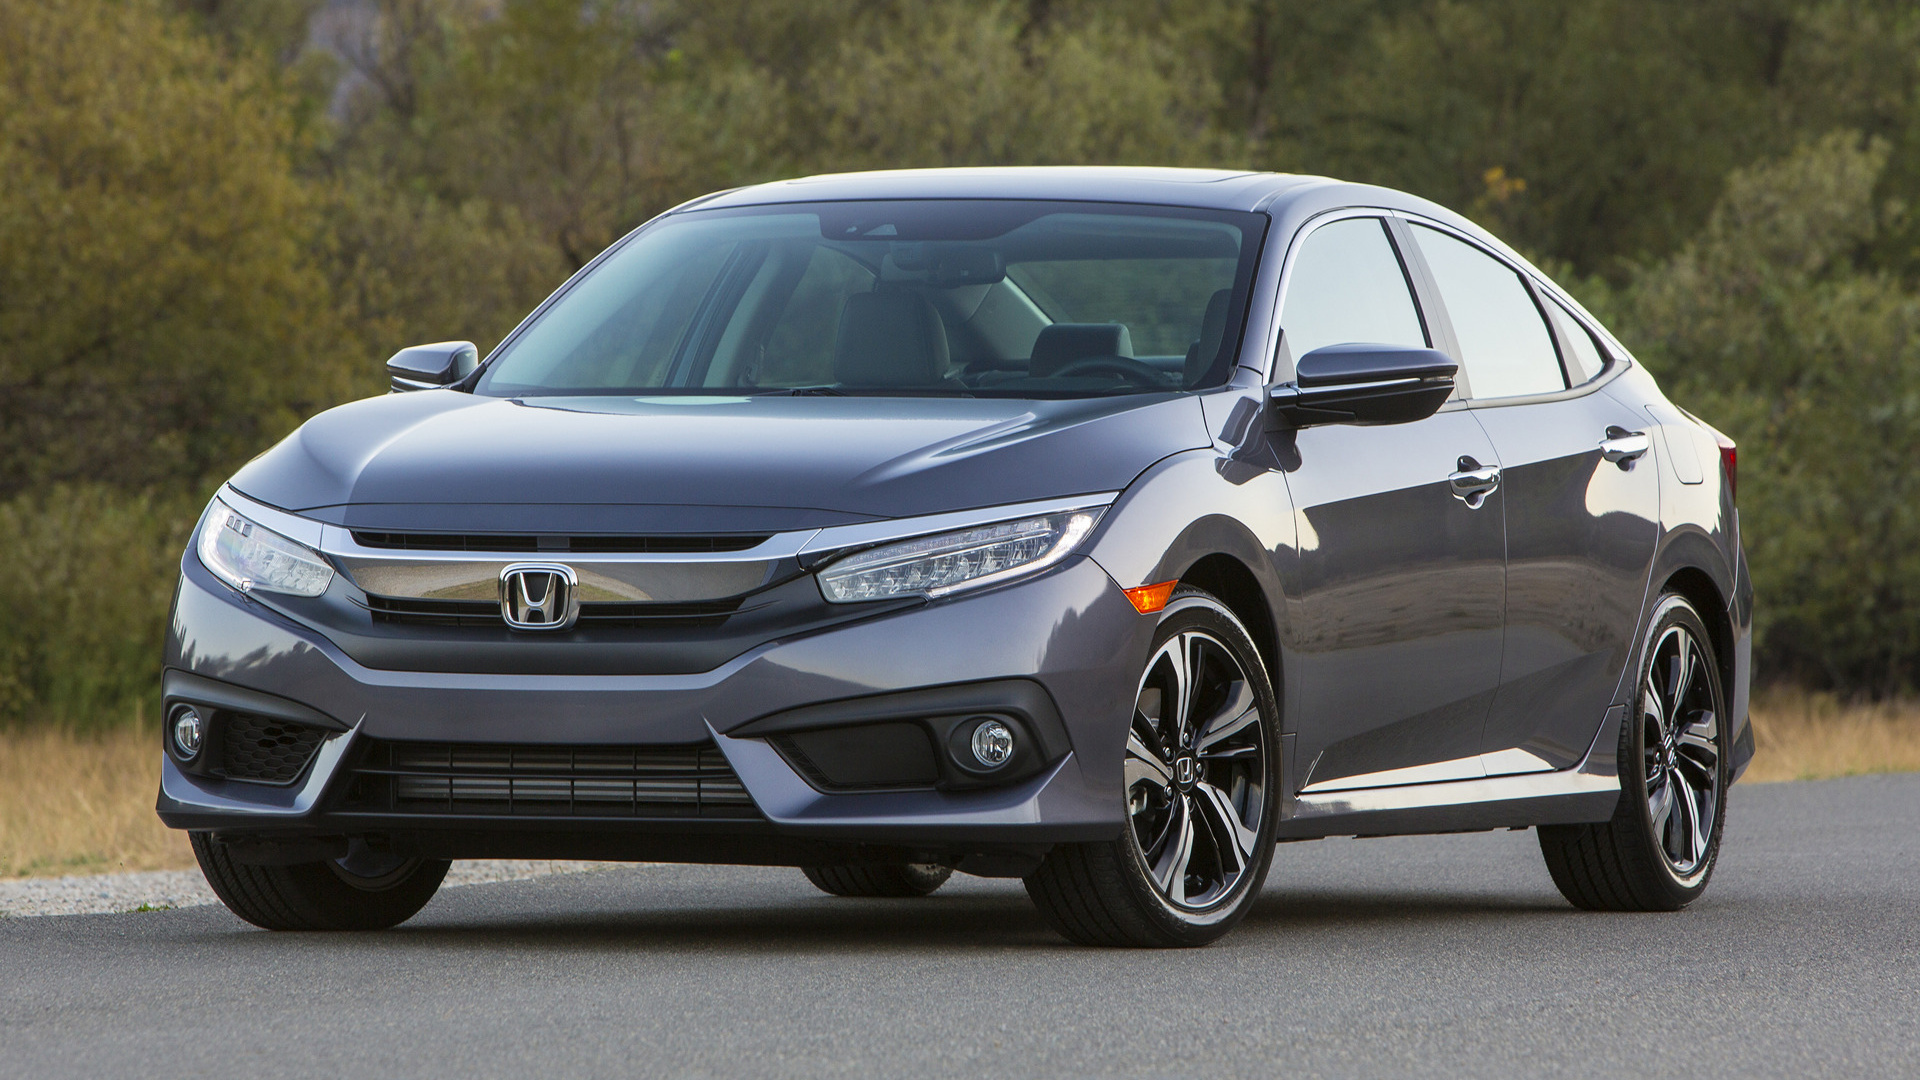 2016 Honda Civic Touring Sedan (US) - Wallpapers and HD ...